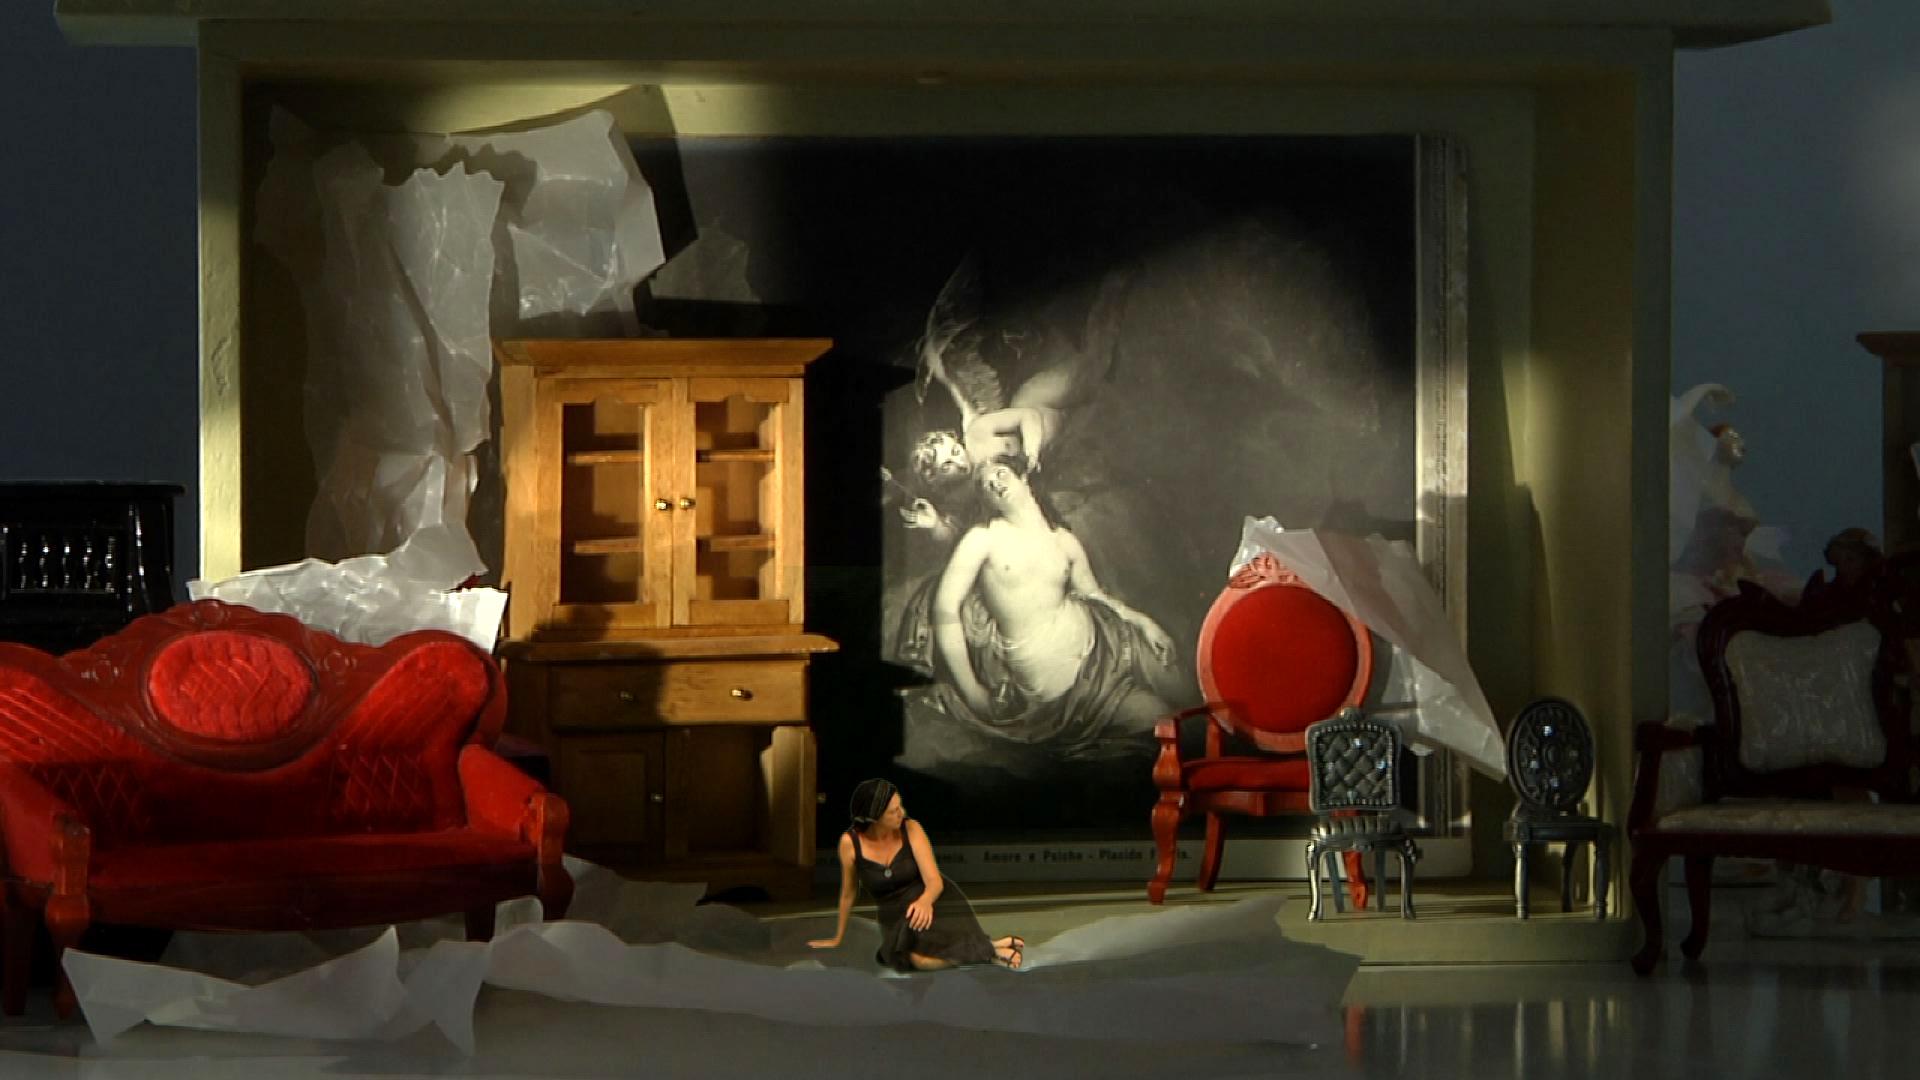 Από τη βιντεοεγκατάσταση στο μουσείο Μπενάκη